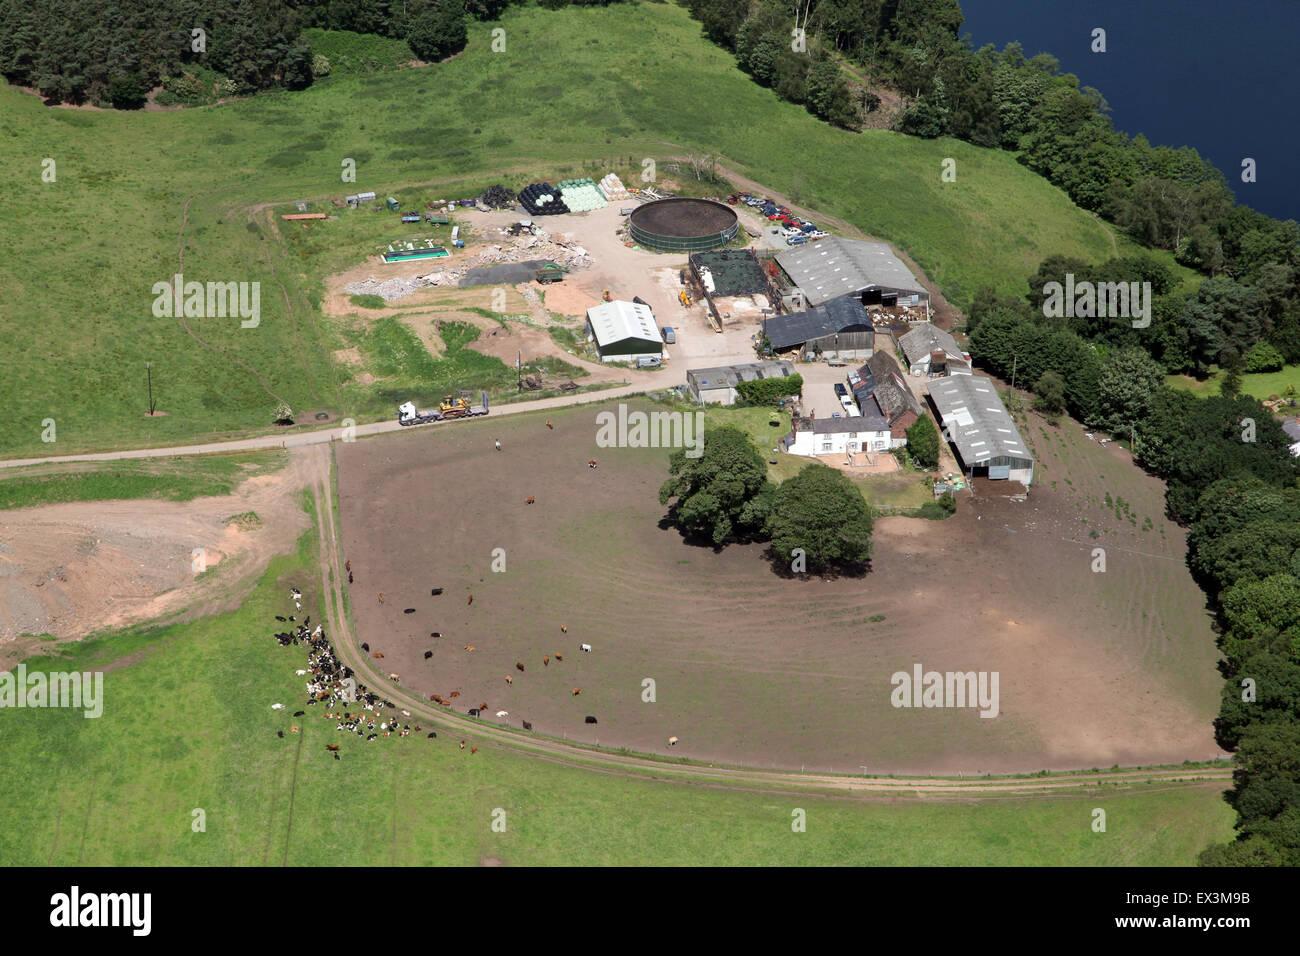 Vue aérienne d'une ferme avec des vaches laitières du Cheshire et les bâtiments agricoles, UK Photo Stock